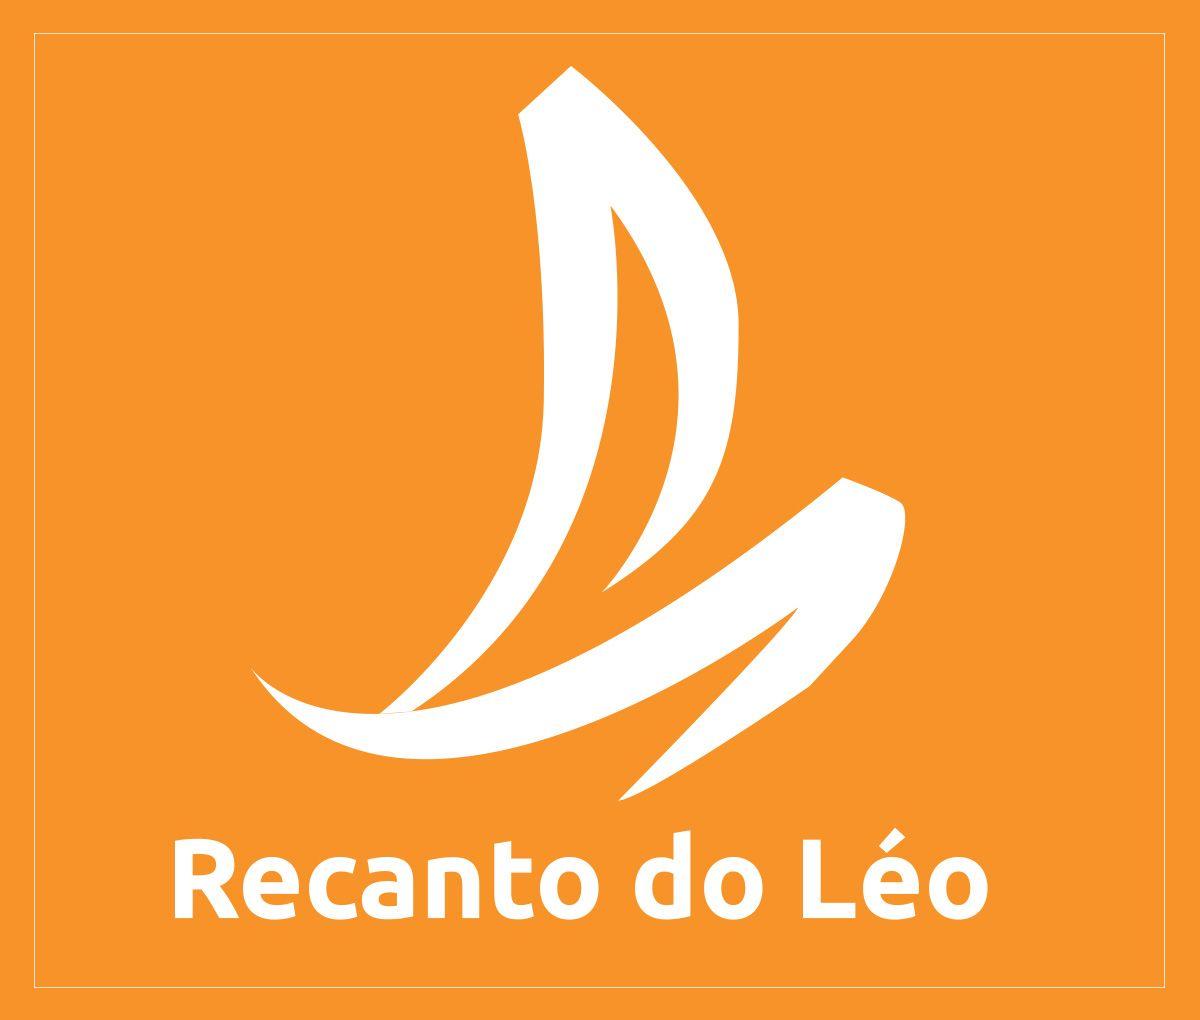 Pousada Recanto do Léo em Guarujá